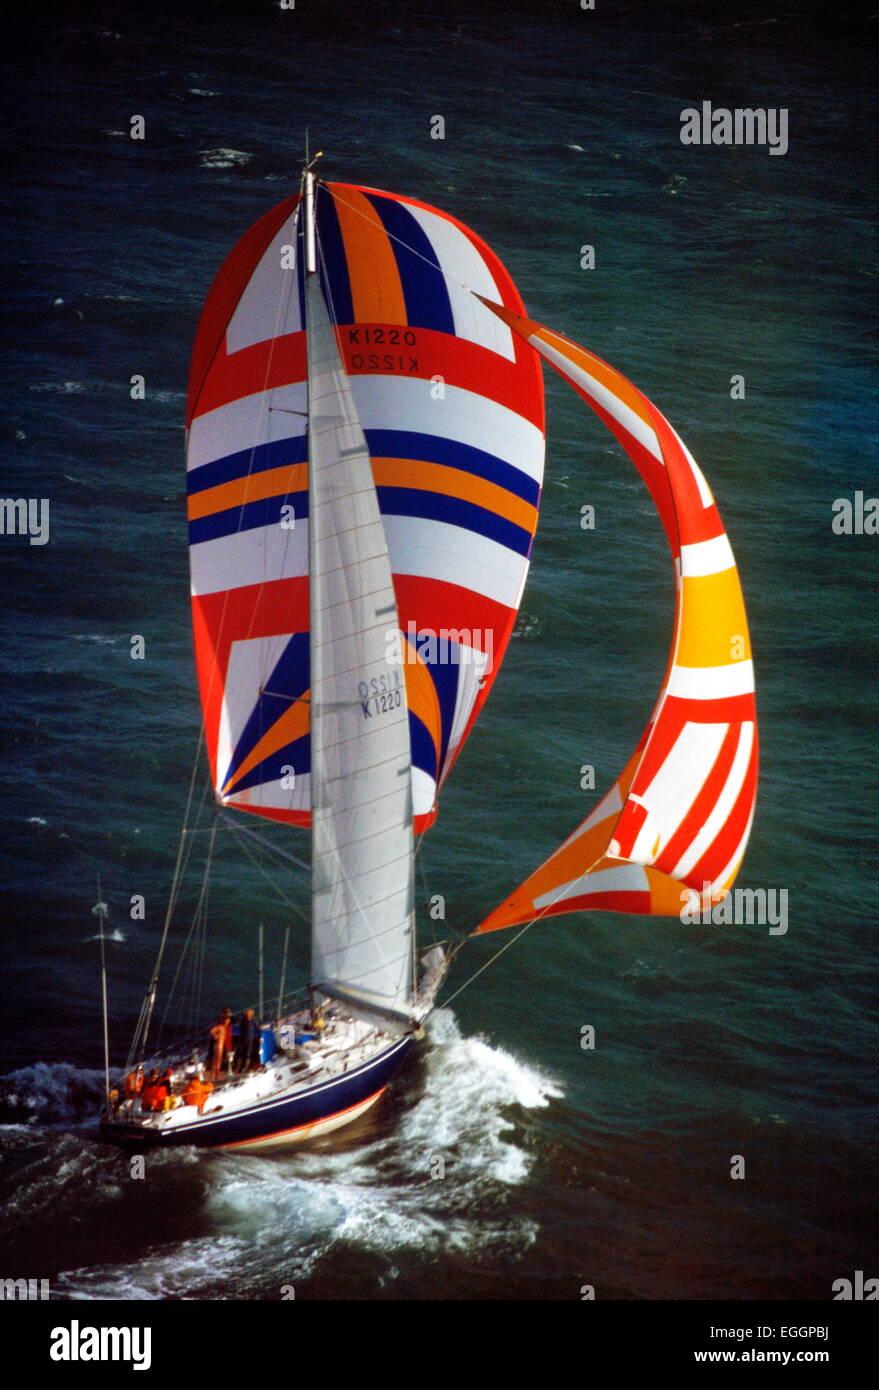 AJAX NEWS FOTO - 24marzo, 1978 - WHITBREAD RACE - YACHT re della legenda. Una produzione Swan 65, nel Western approcci Immagini Stock